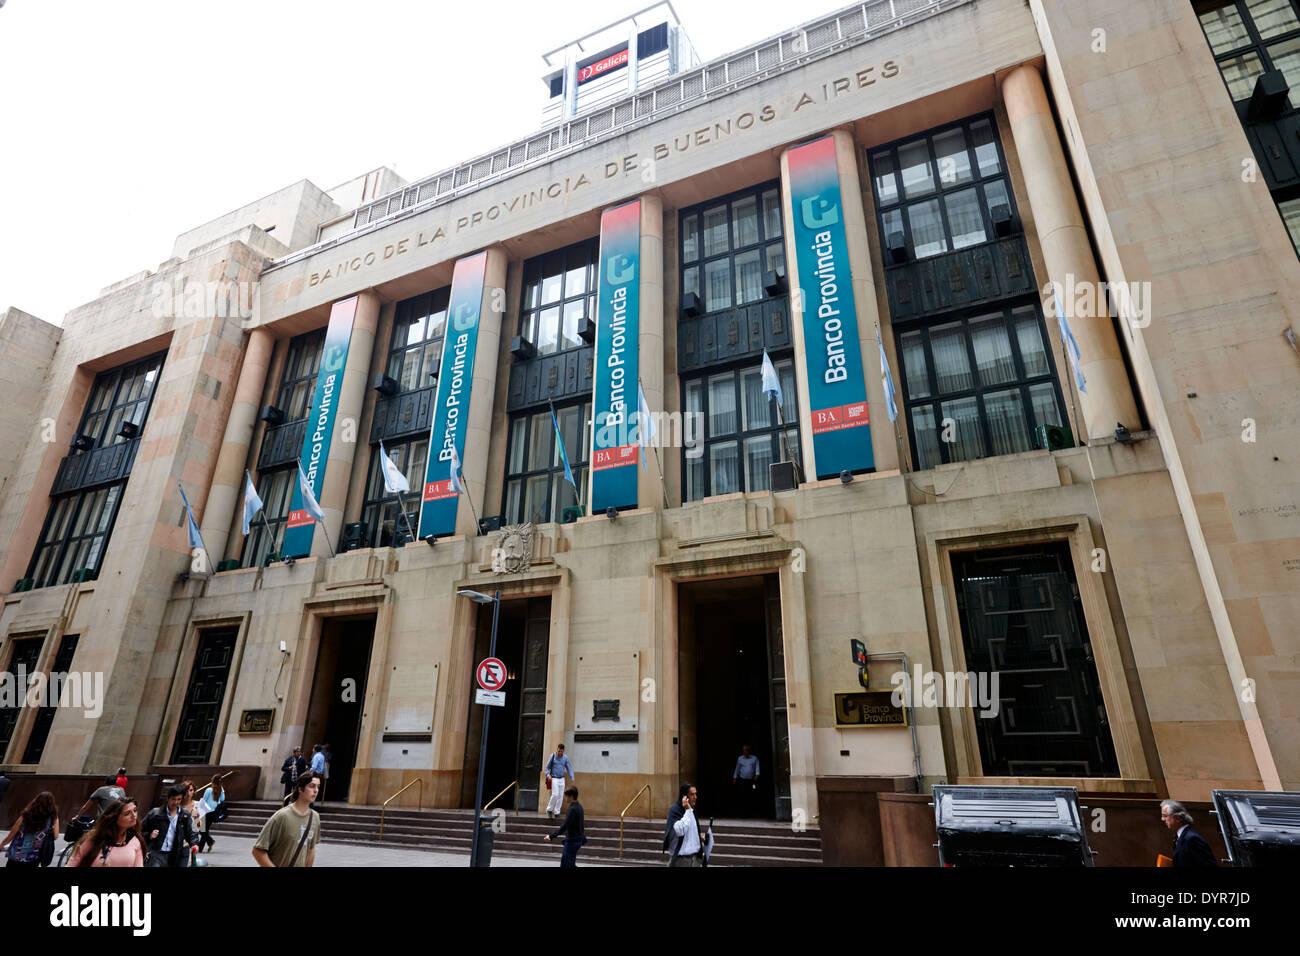 Banco de la provincia de Buenos Aires Argentina Imagen De Stock